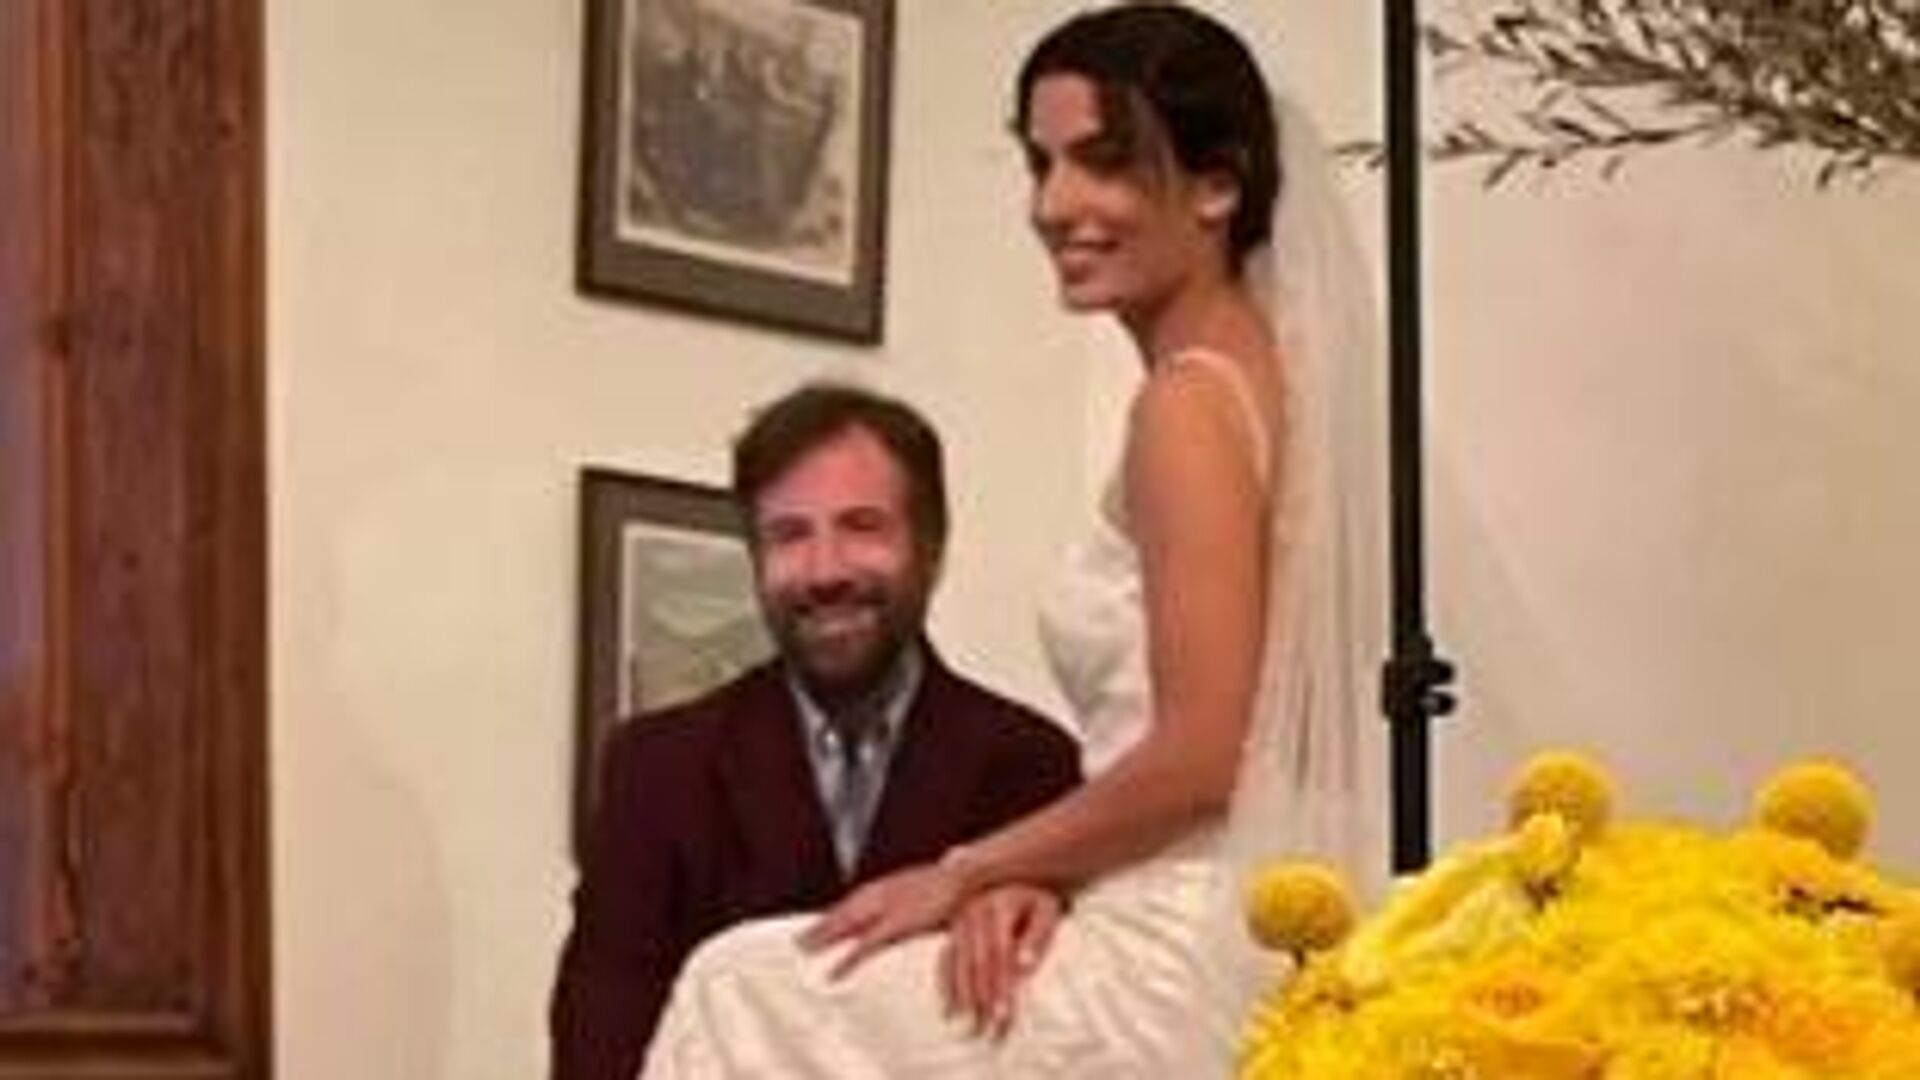 Story από τον γάμο του ζευγαριού - Sputnik Ελλάδα, 1920, 14.10.2021